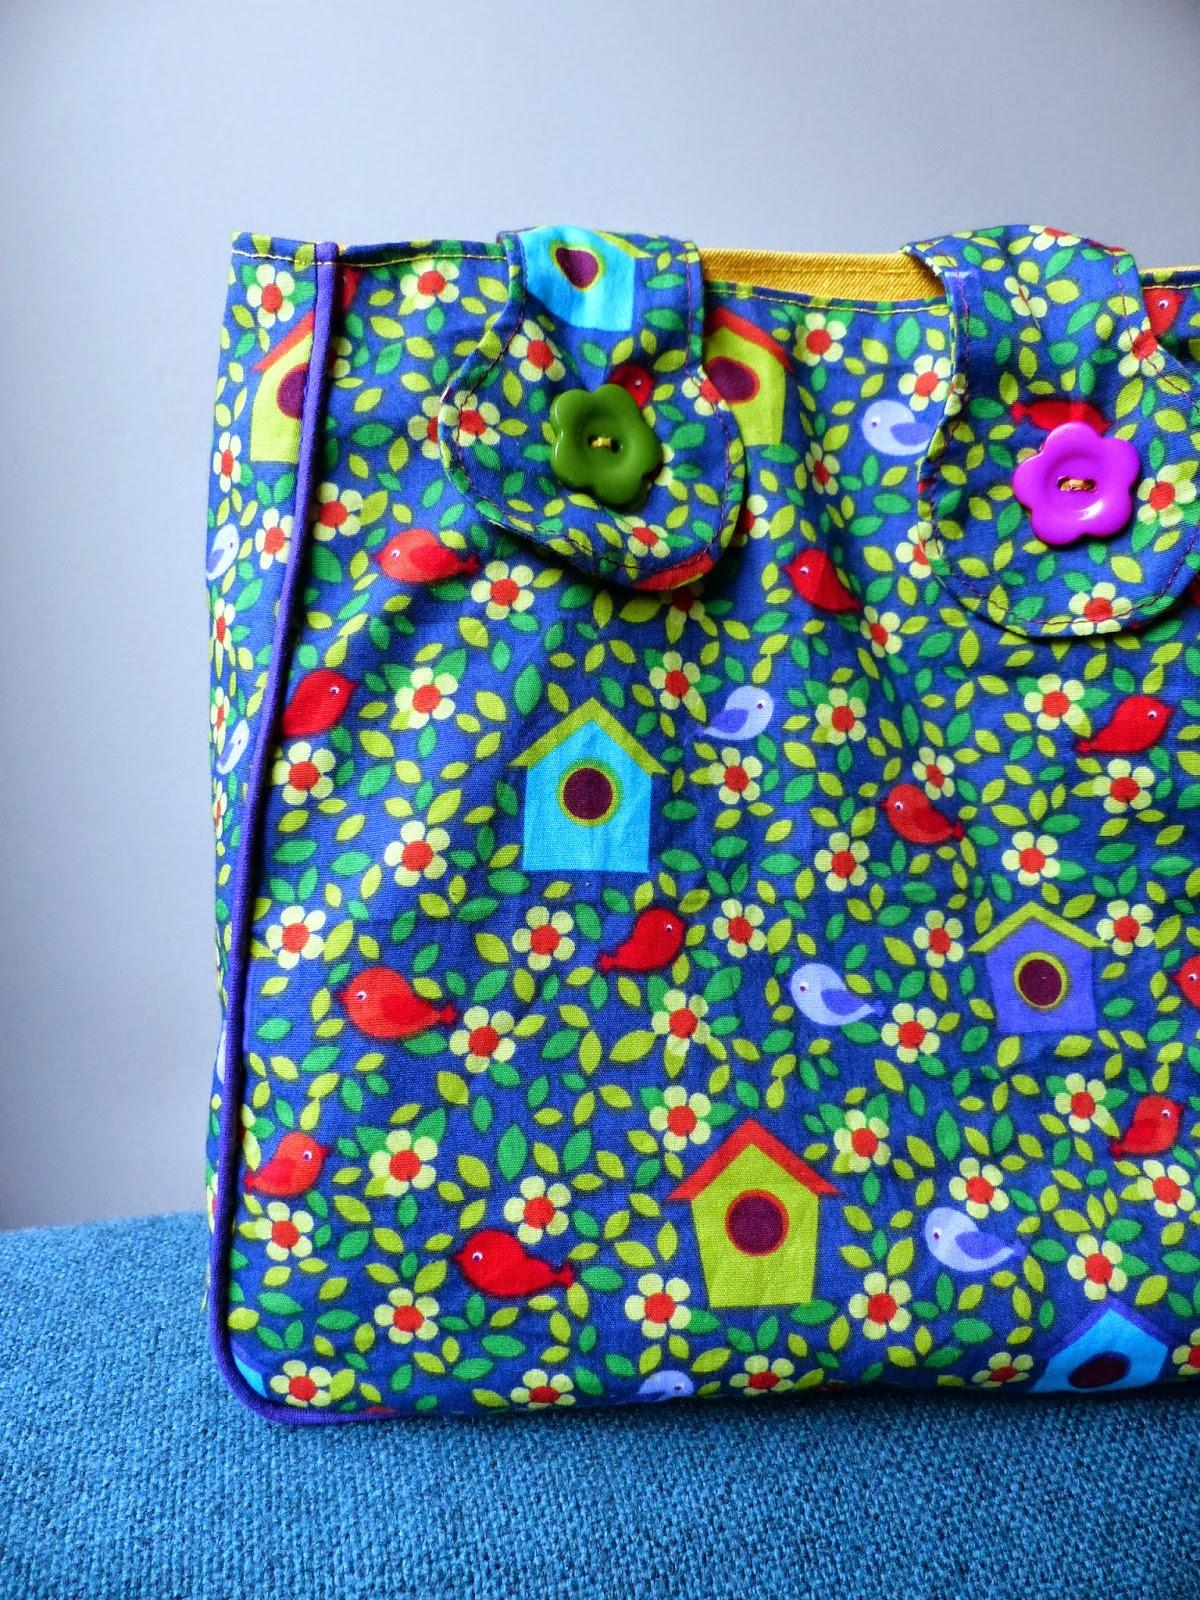 Sendsomeloveblog klein tasje voor een klein meisje - Bed voor een klein meisje ...